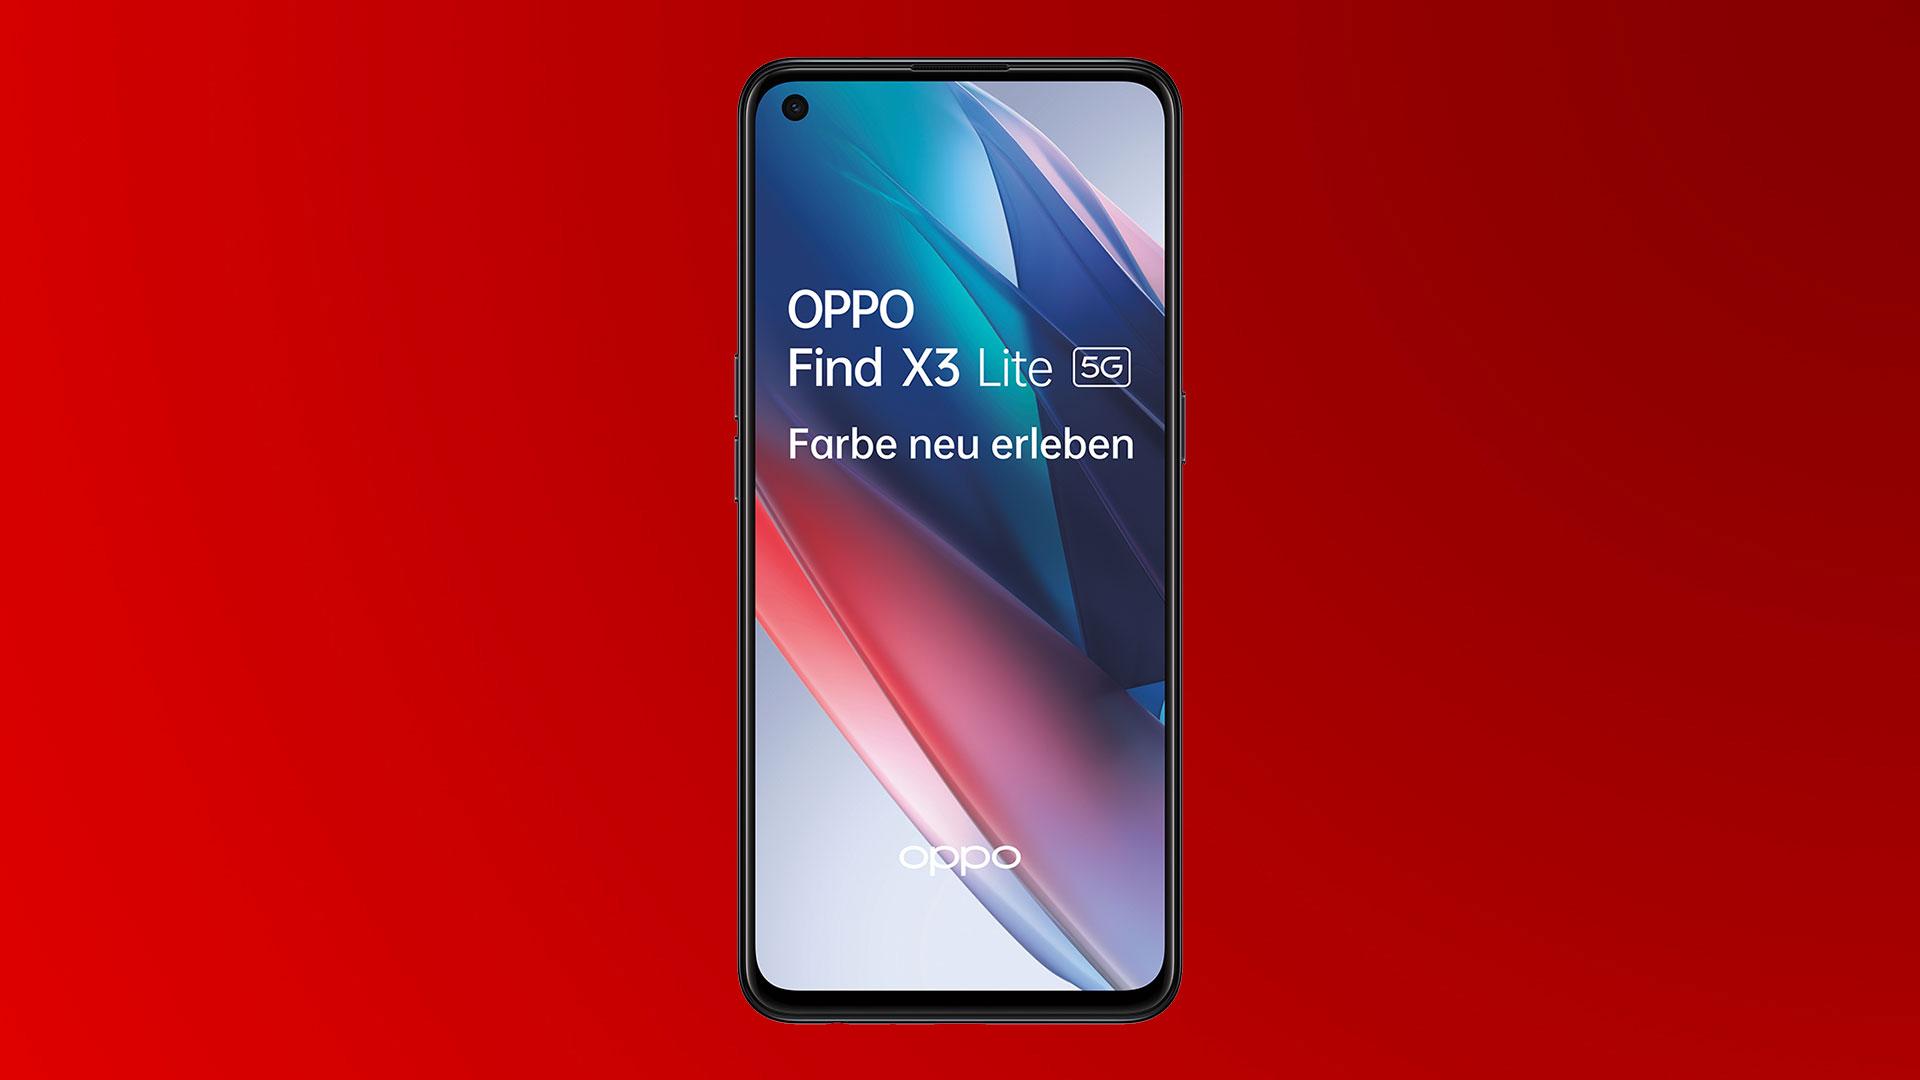 Das Oppo Find X3 Lite 5G in Fluid Black und frontal.